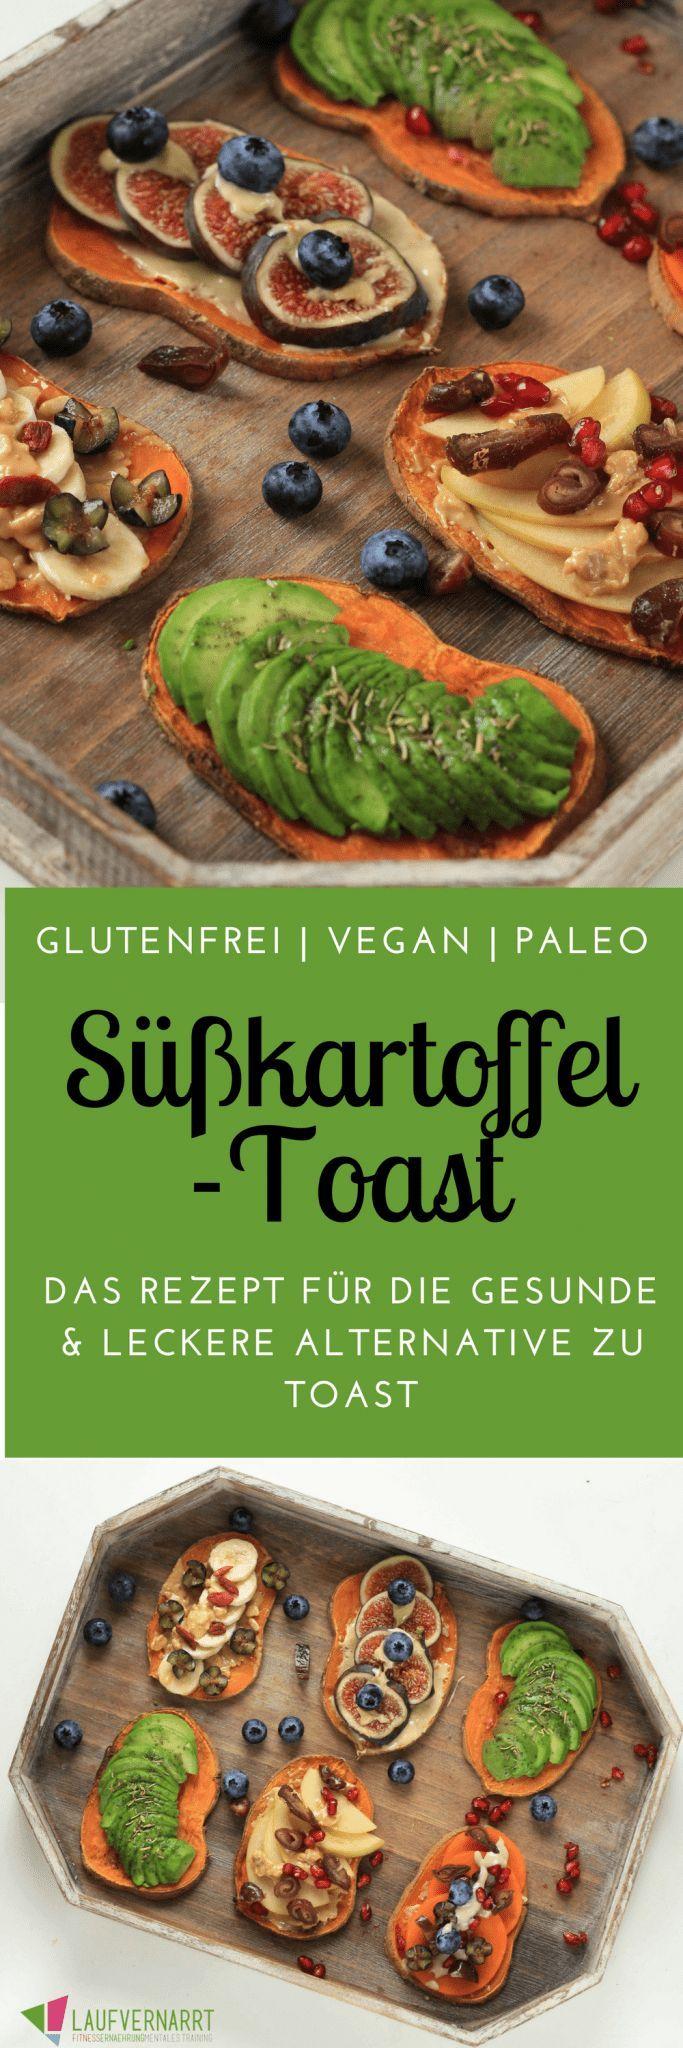 Süßkartoffel-Toast – die gesunde und glutenfreie Alternative zu Toast